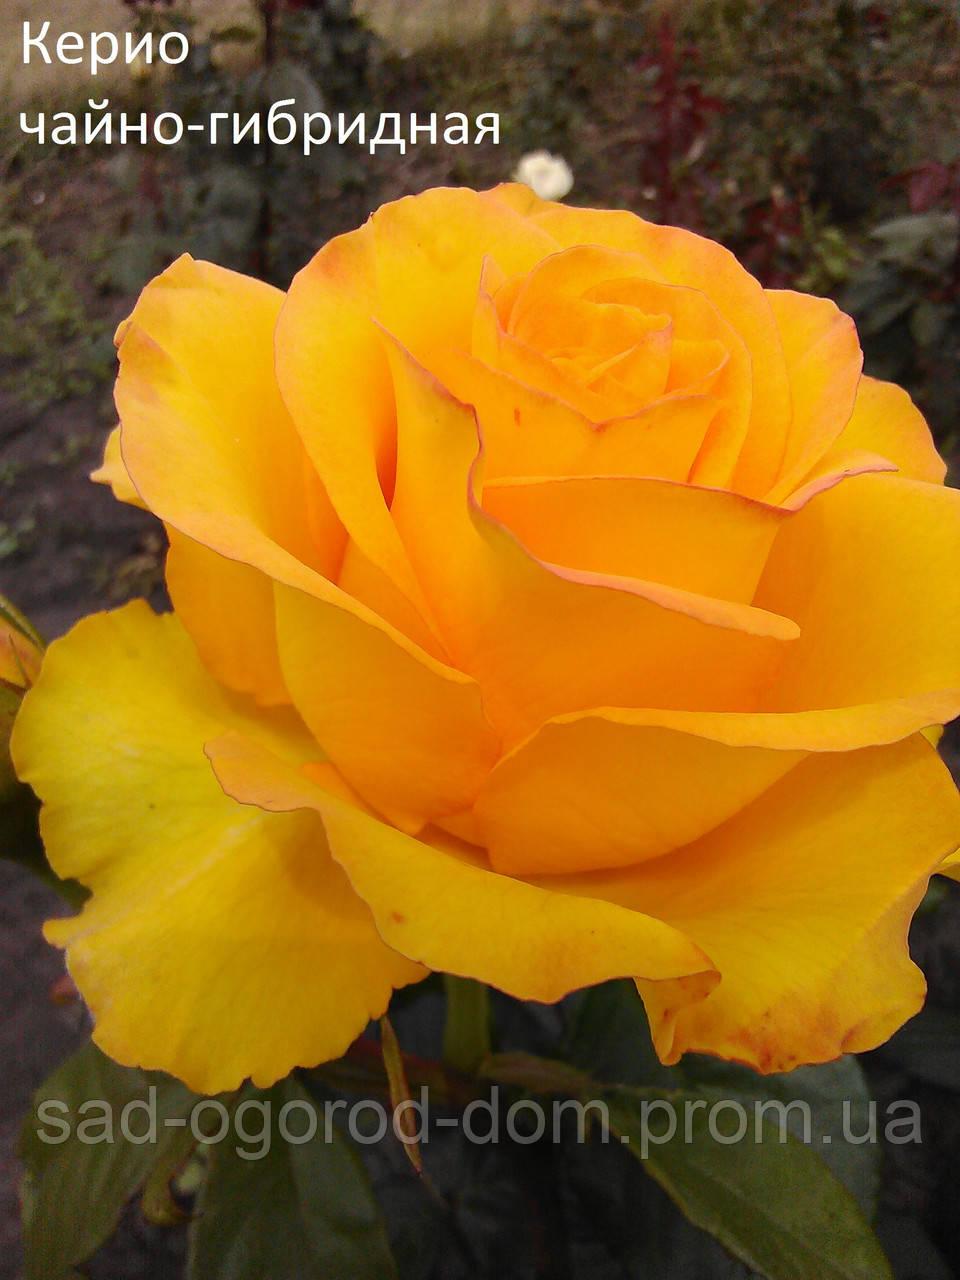 Троянди чайно-гібридна Керио (Kerio)